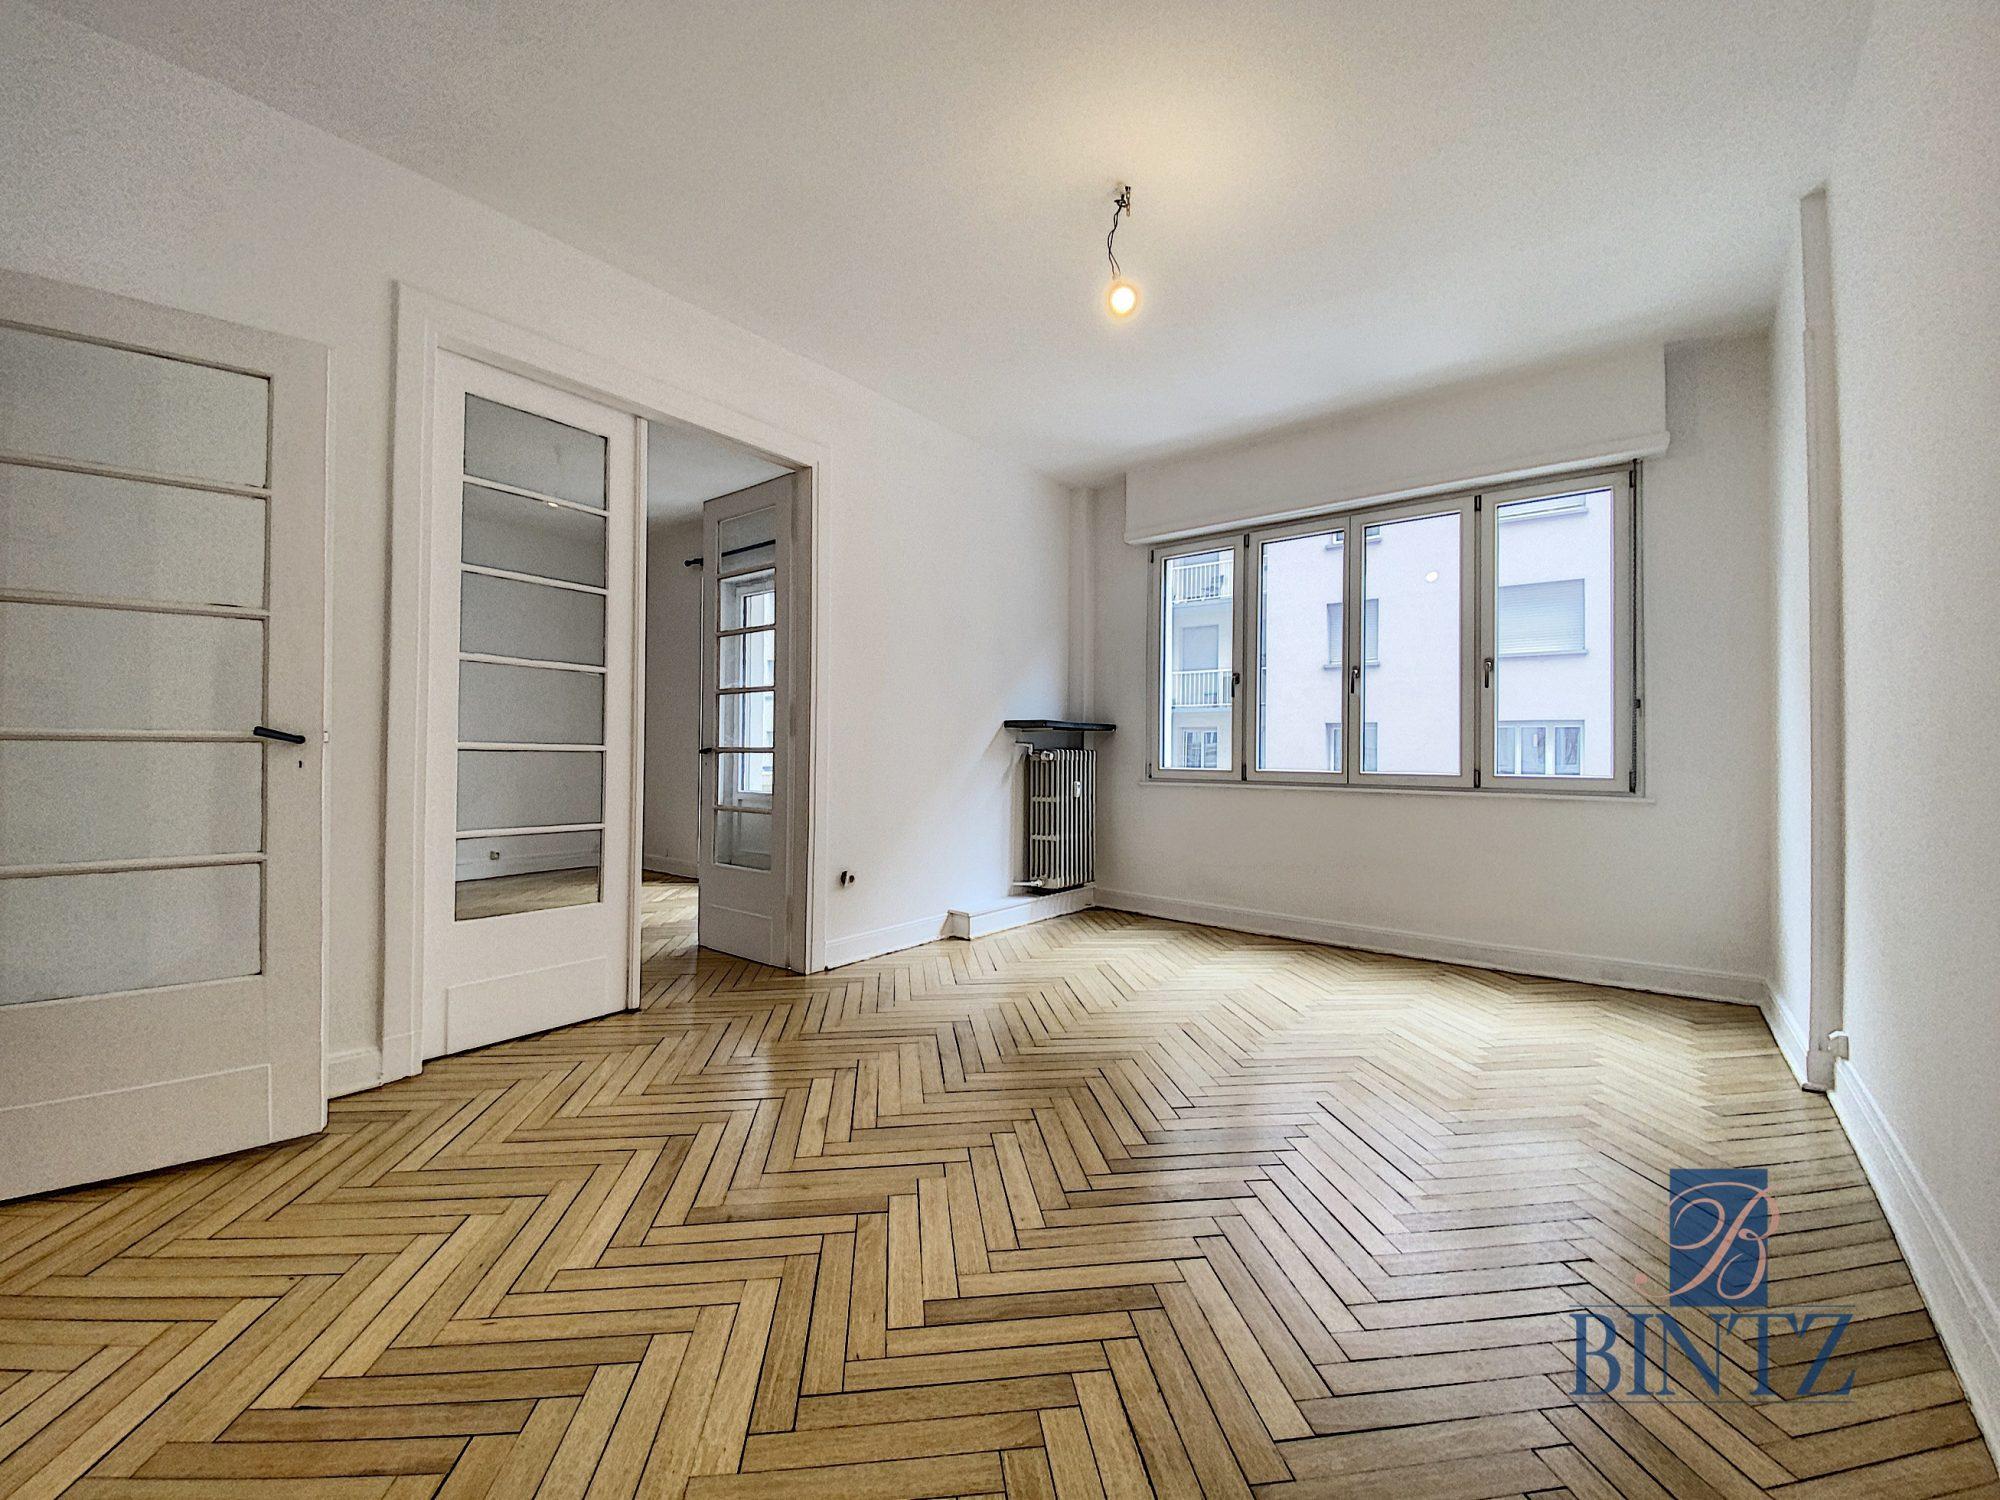 2 PIÈCES KRUTENAU - Devenez locataire en toute sérénité - Bintz Immobilier - 12